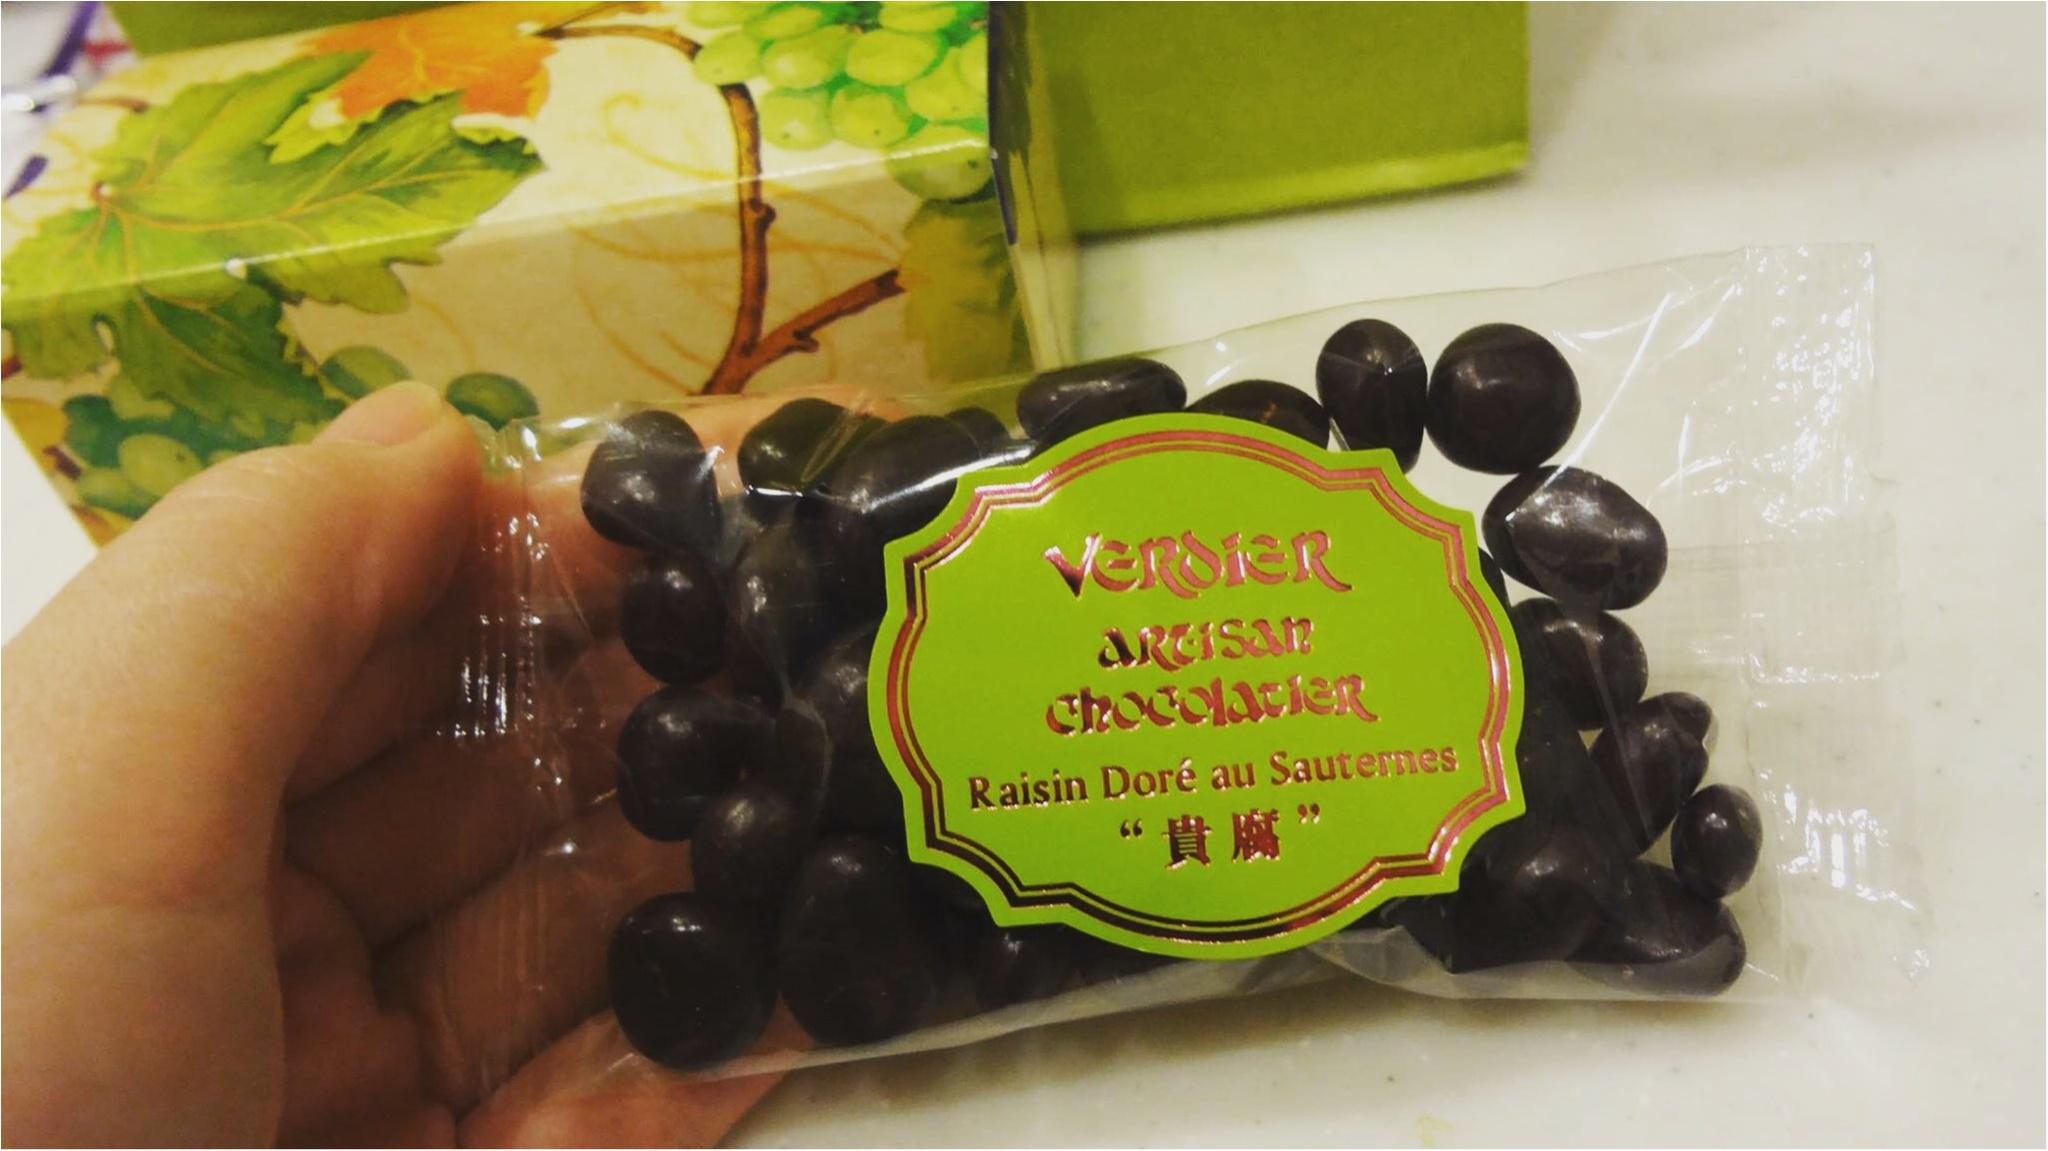 【ワインのように熟成するチョコレート!?】ボルドー産の最高級ワインに漬け込んだ〇〇〇〇をチョコでコーティング✨≪samenyan≫_5